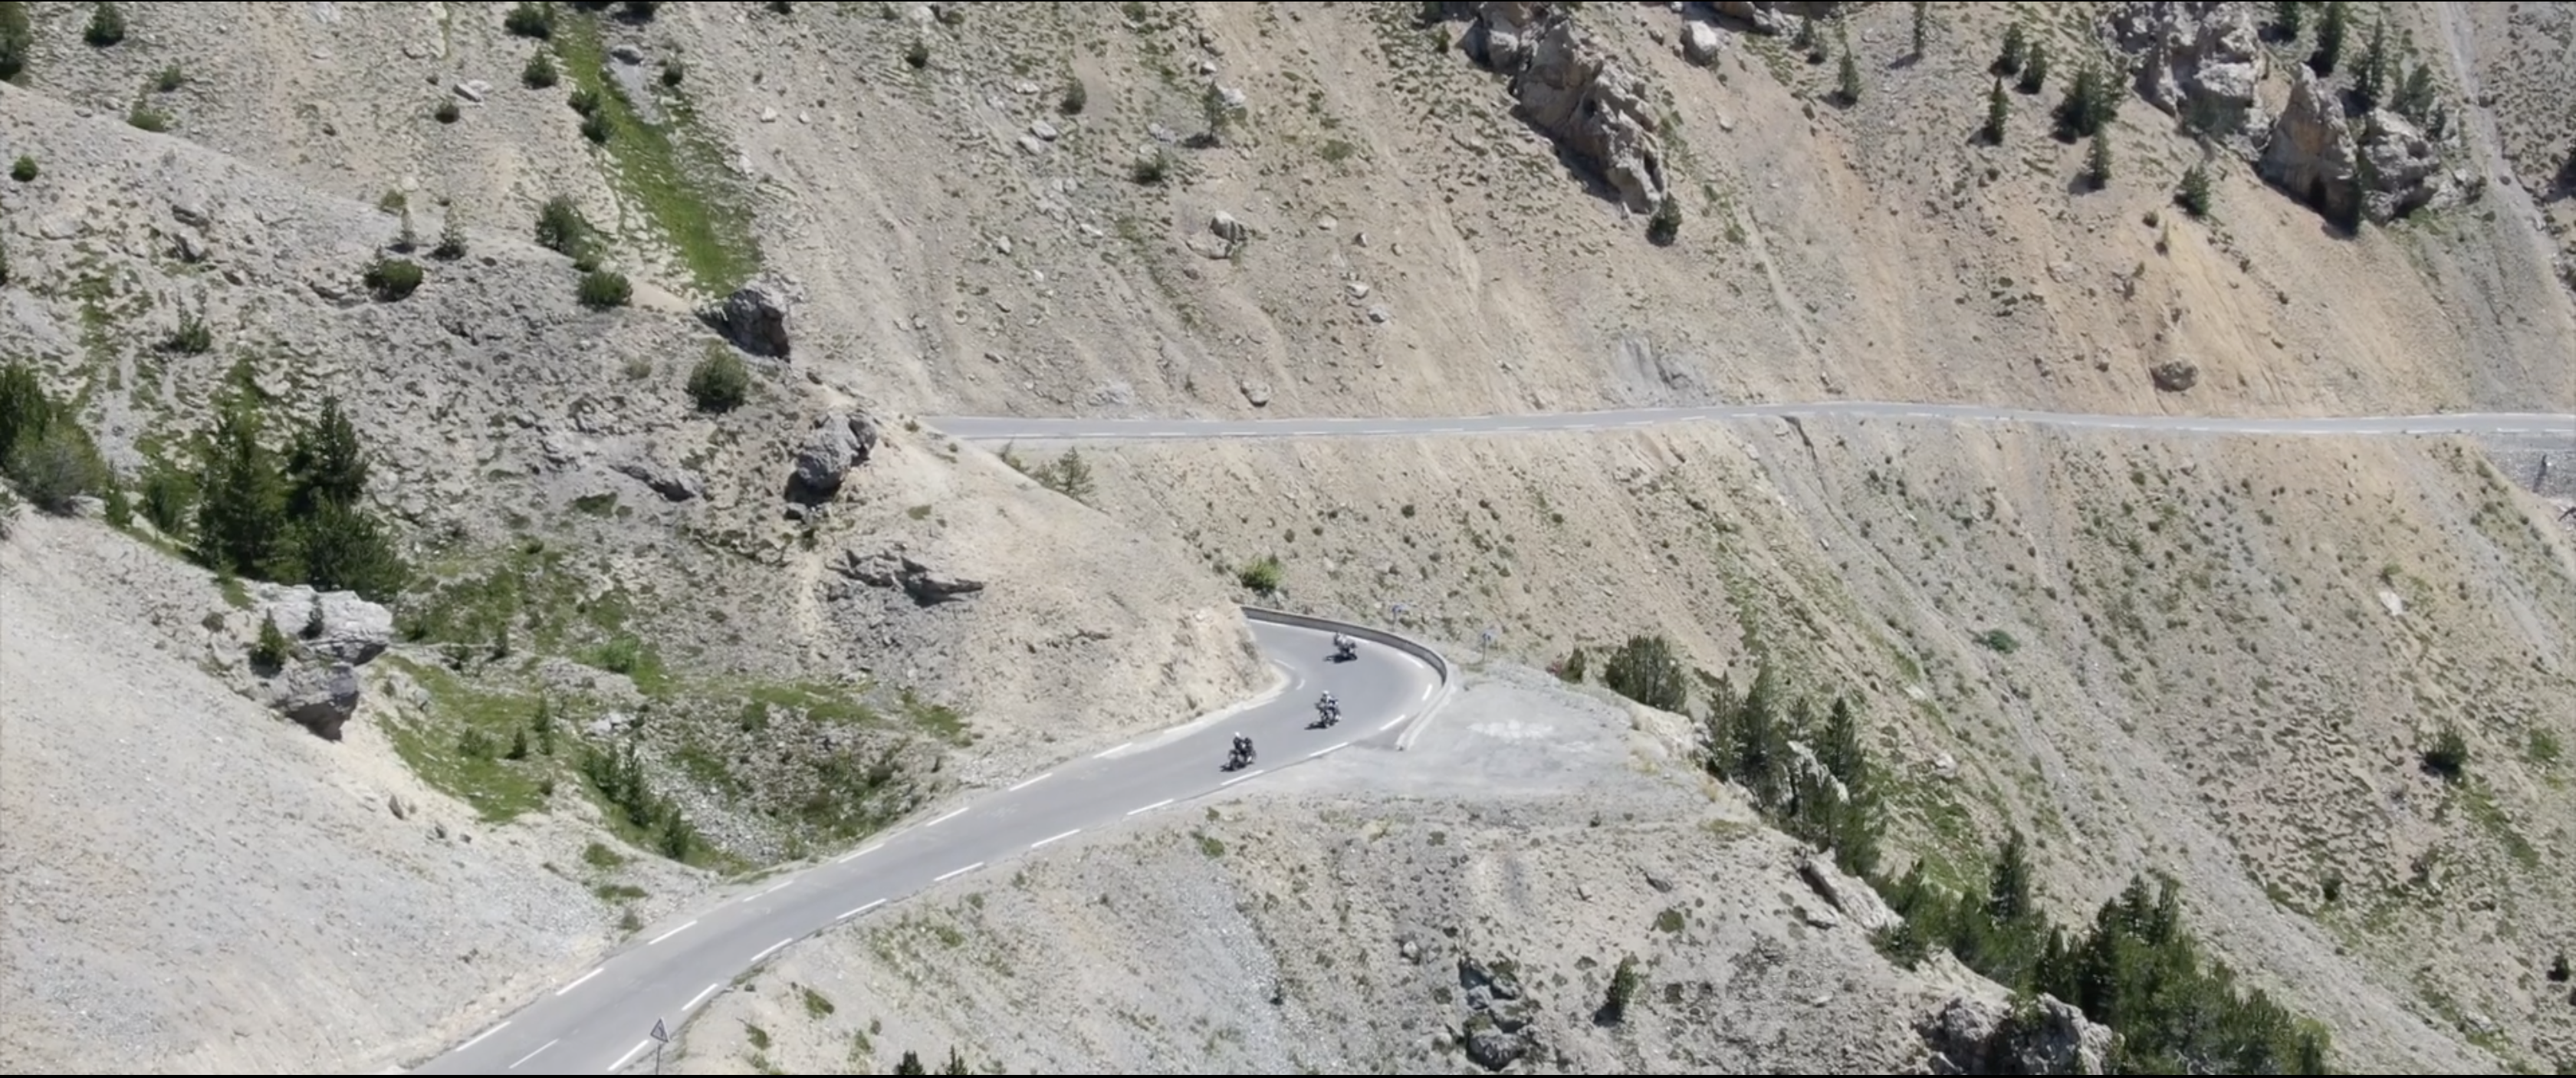 webserie vidéo honda moto